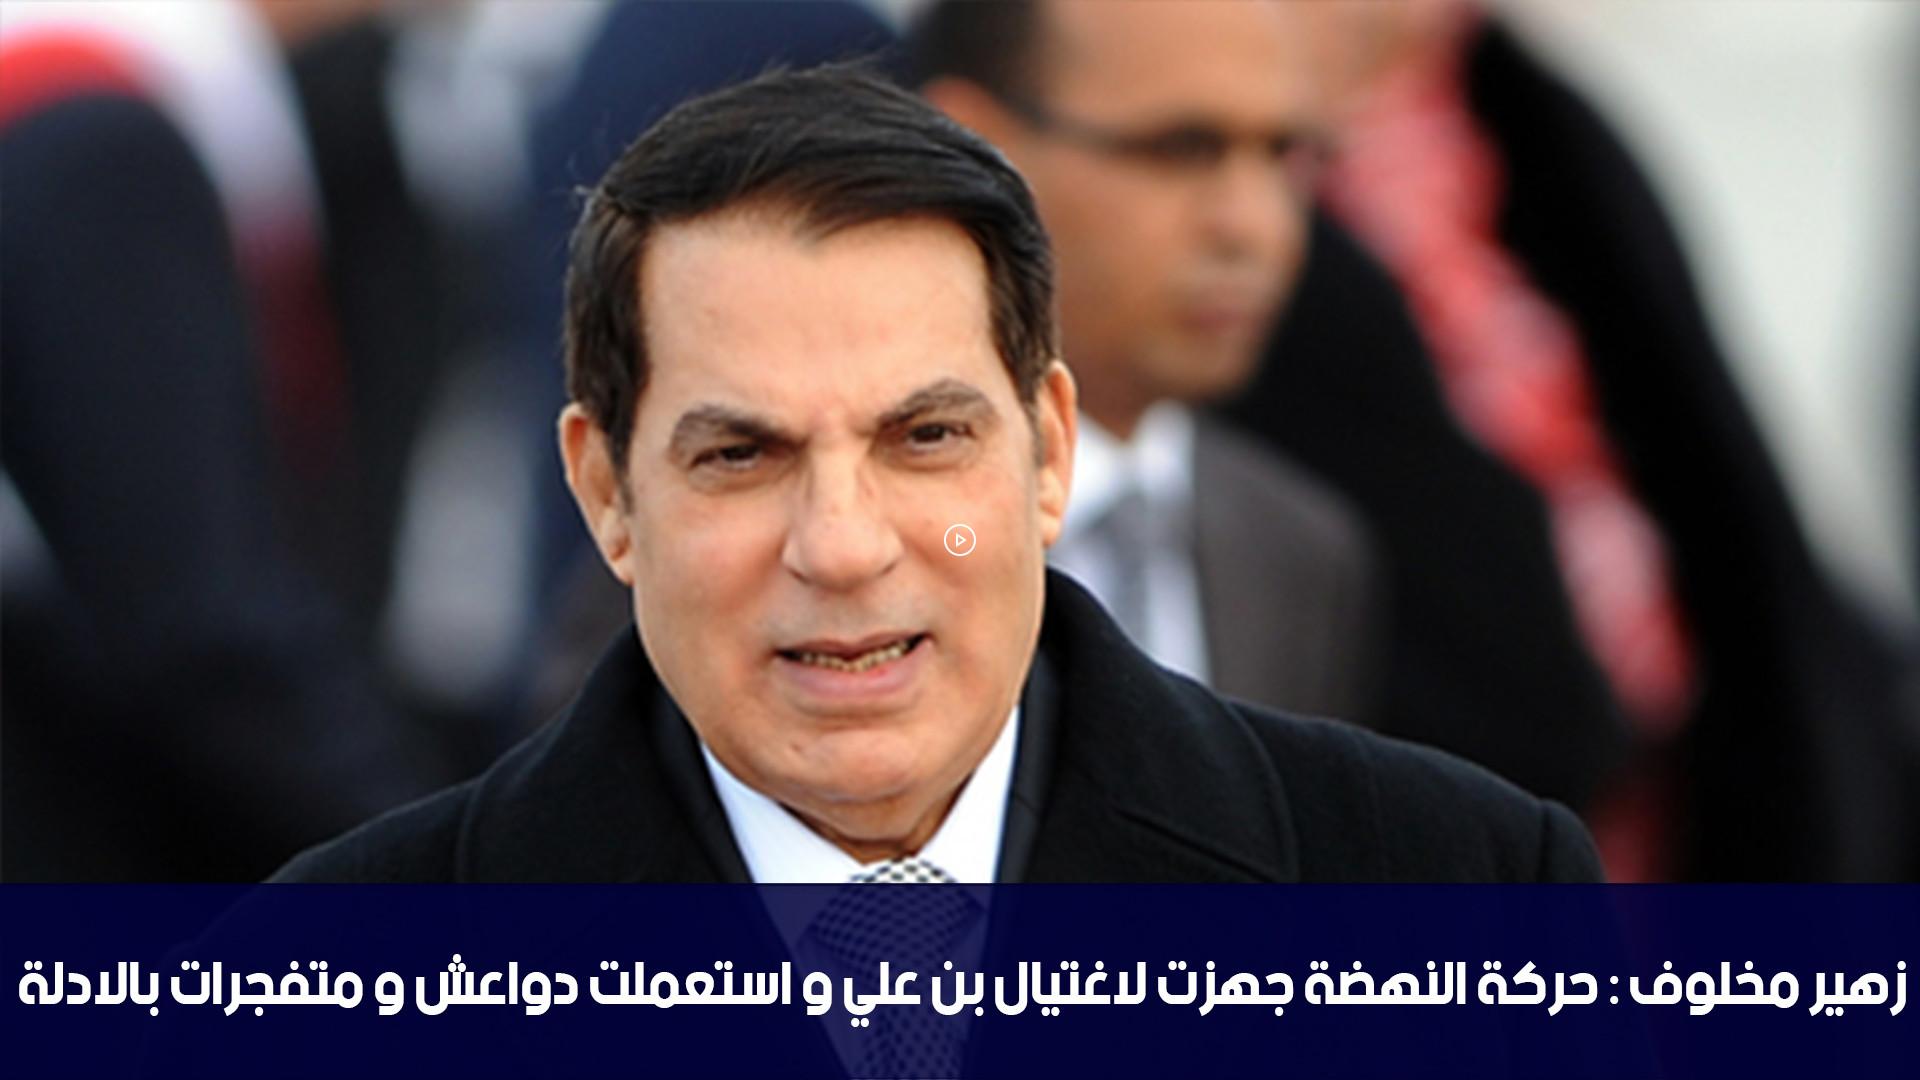 زهير مخلوف : حركة النهضة جهزت لاغتيال بن علي و استعملت دواعش و متفجرات بالادلة